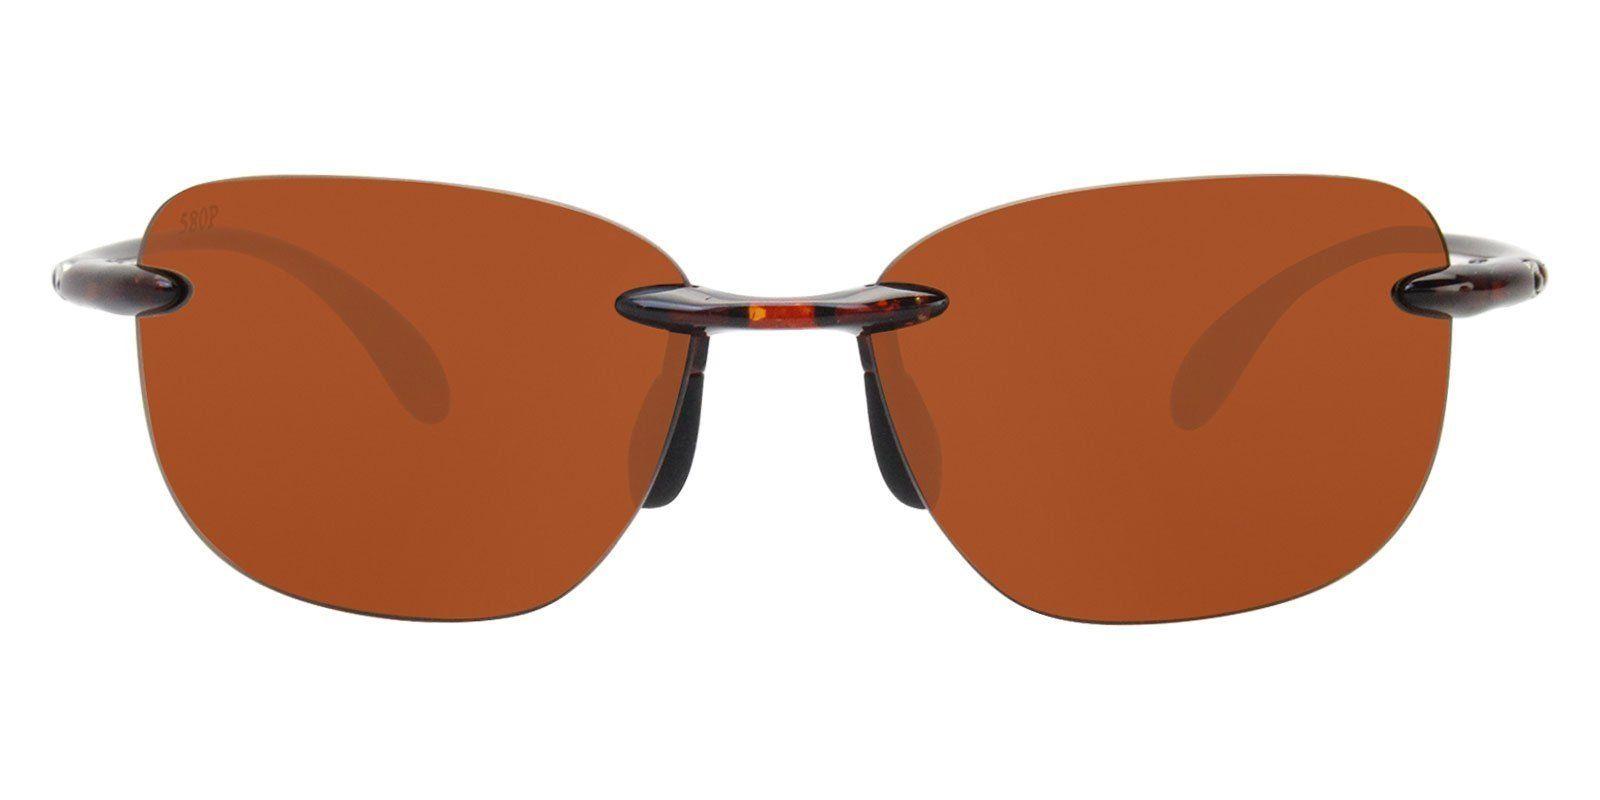 c78226490c00 Costa Del Mar - Sea Grove Tortoise - Brown sunglasses in 2018 ...